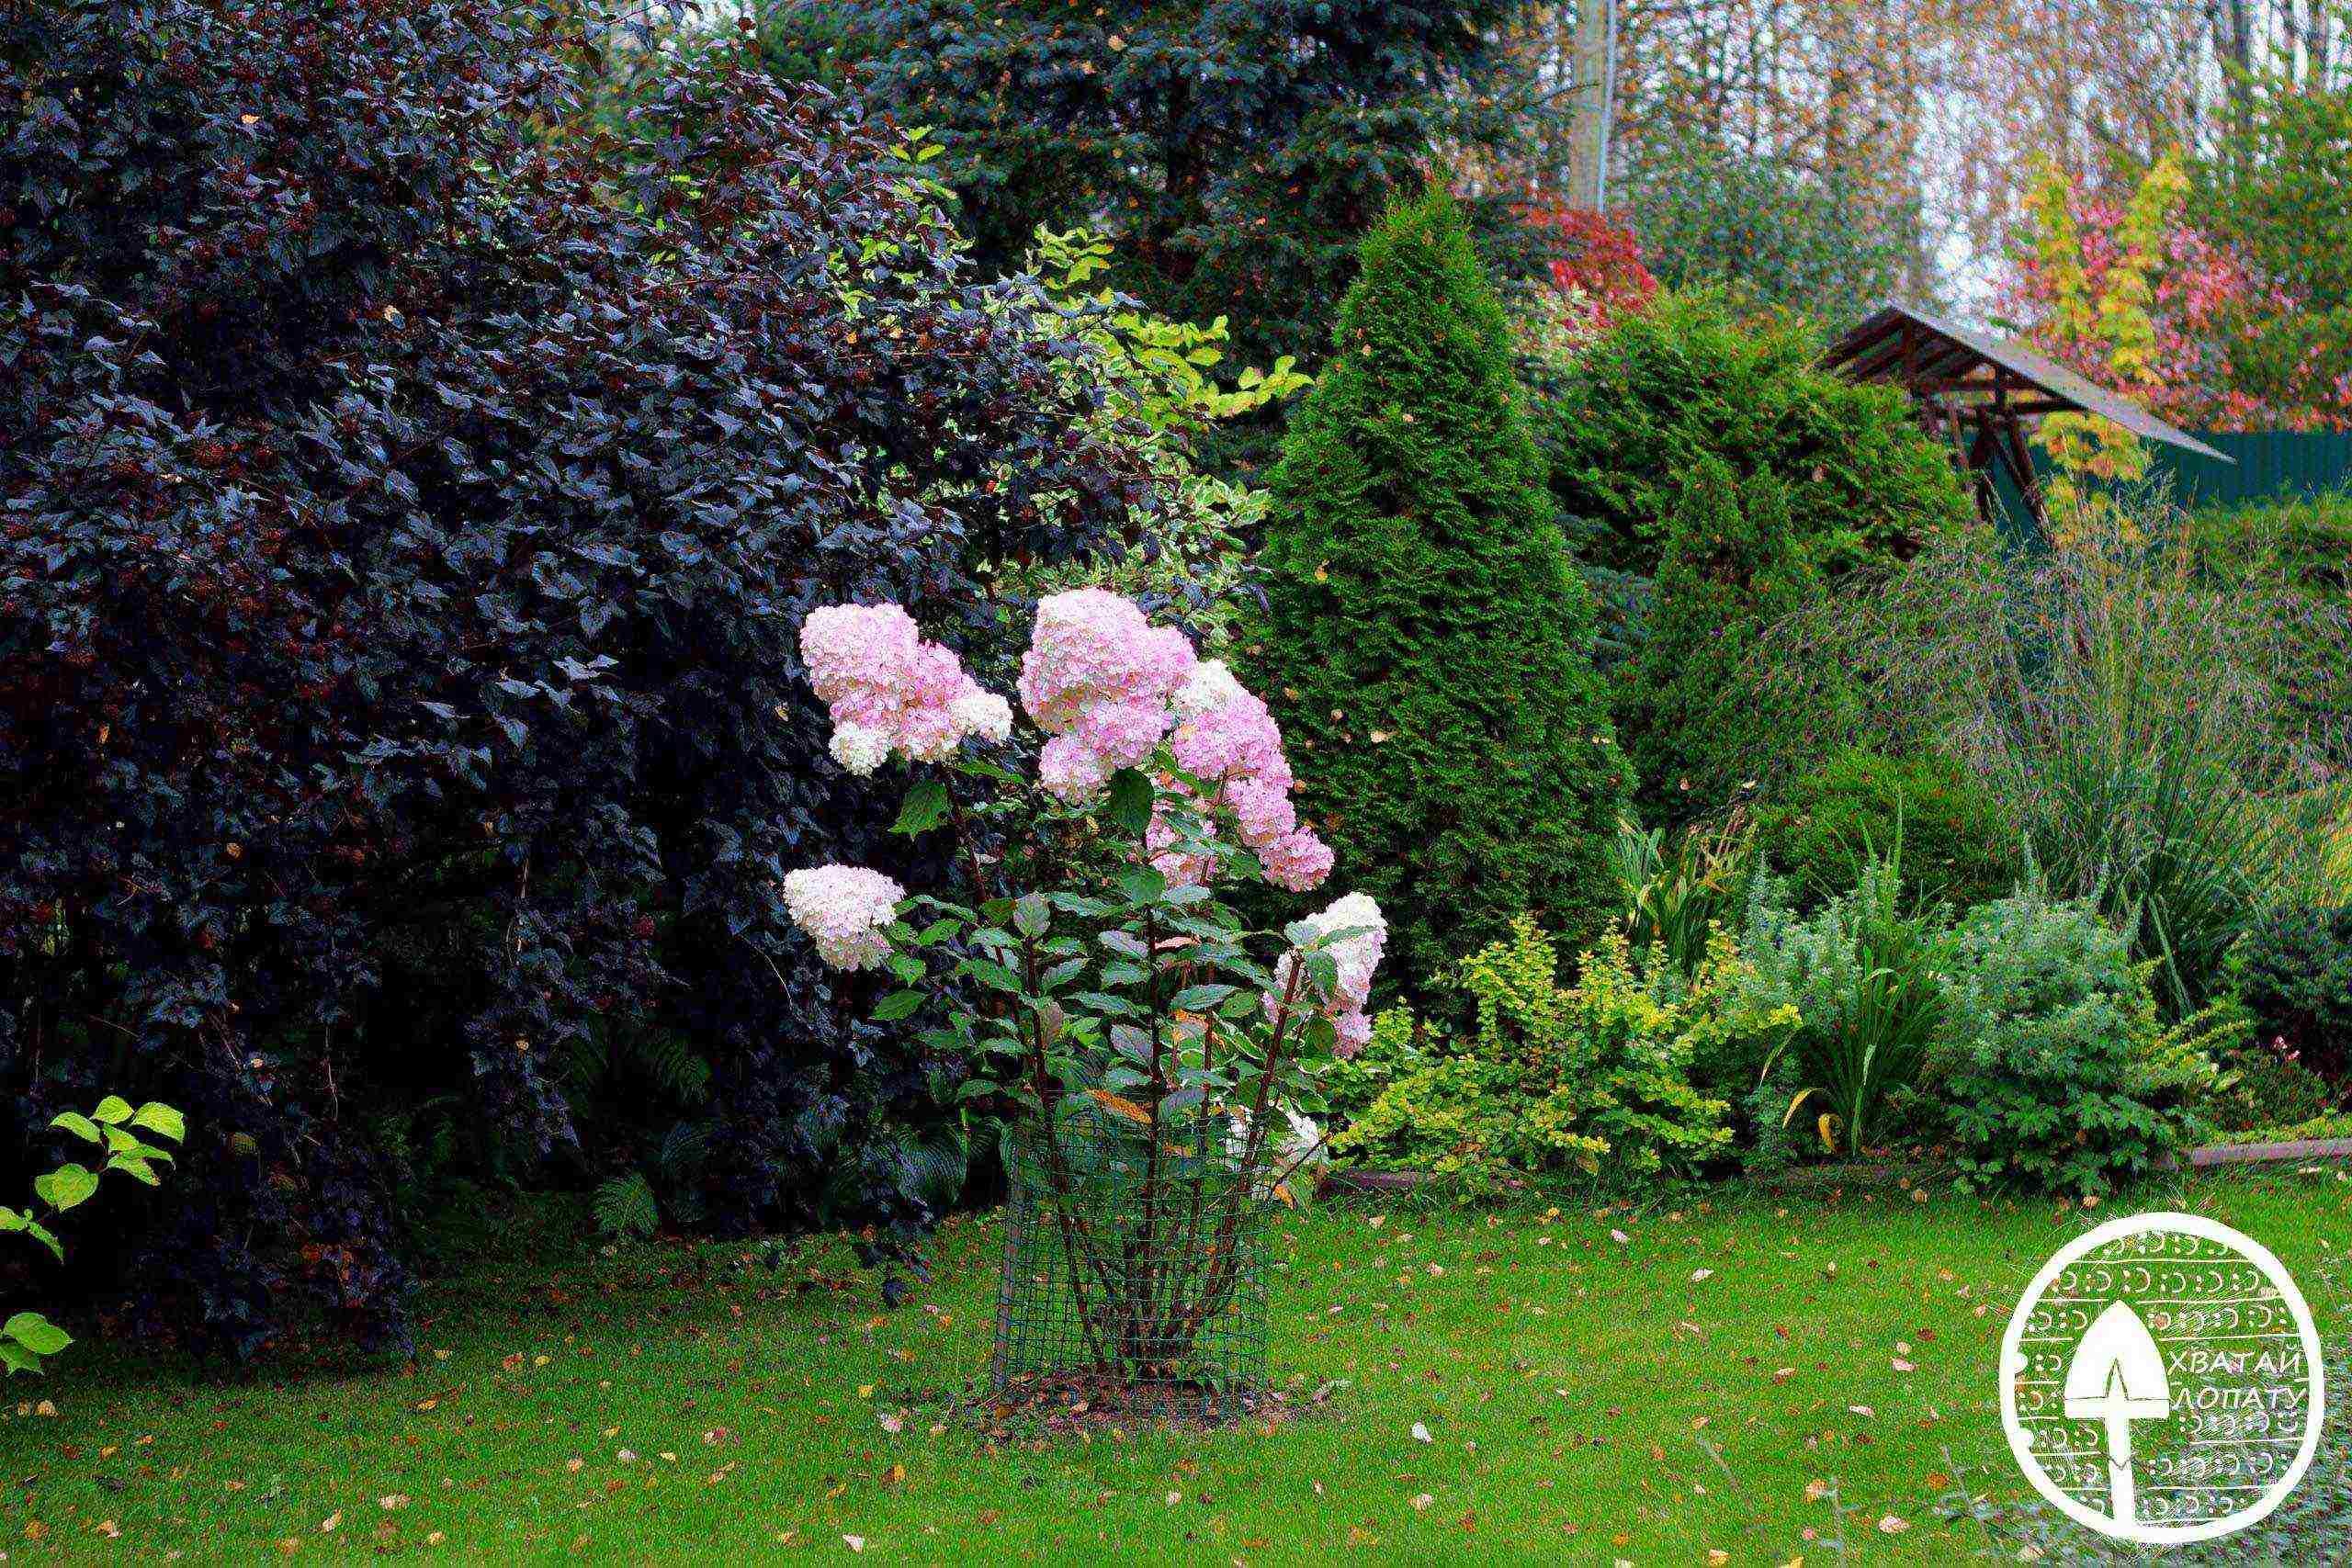 Гортензия ванилла фрейз (vanille fraise): метельчатая, садовая